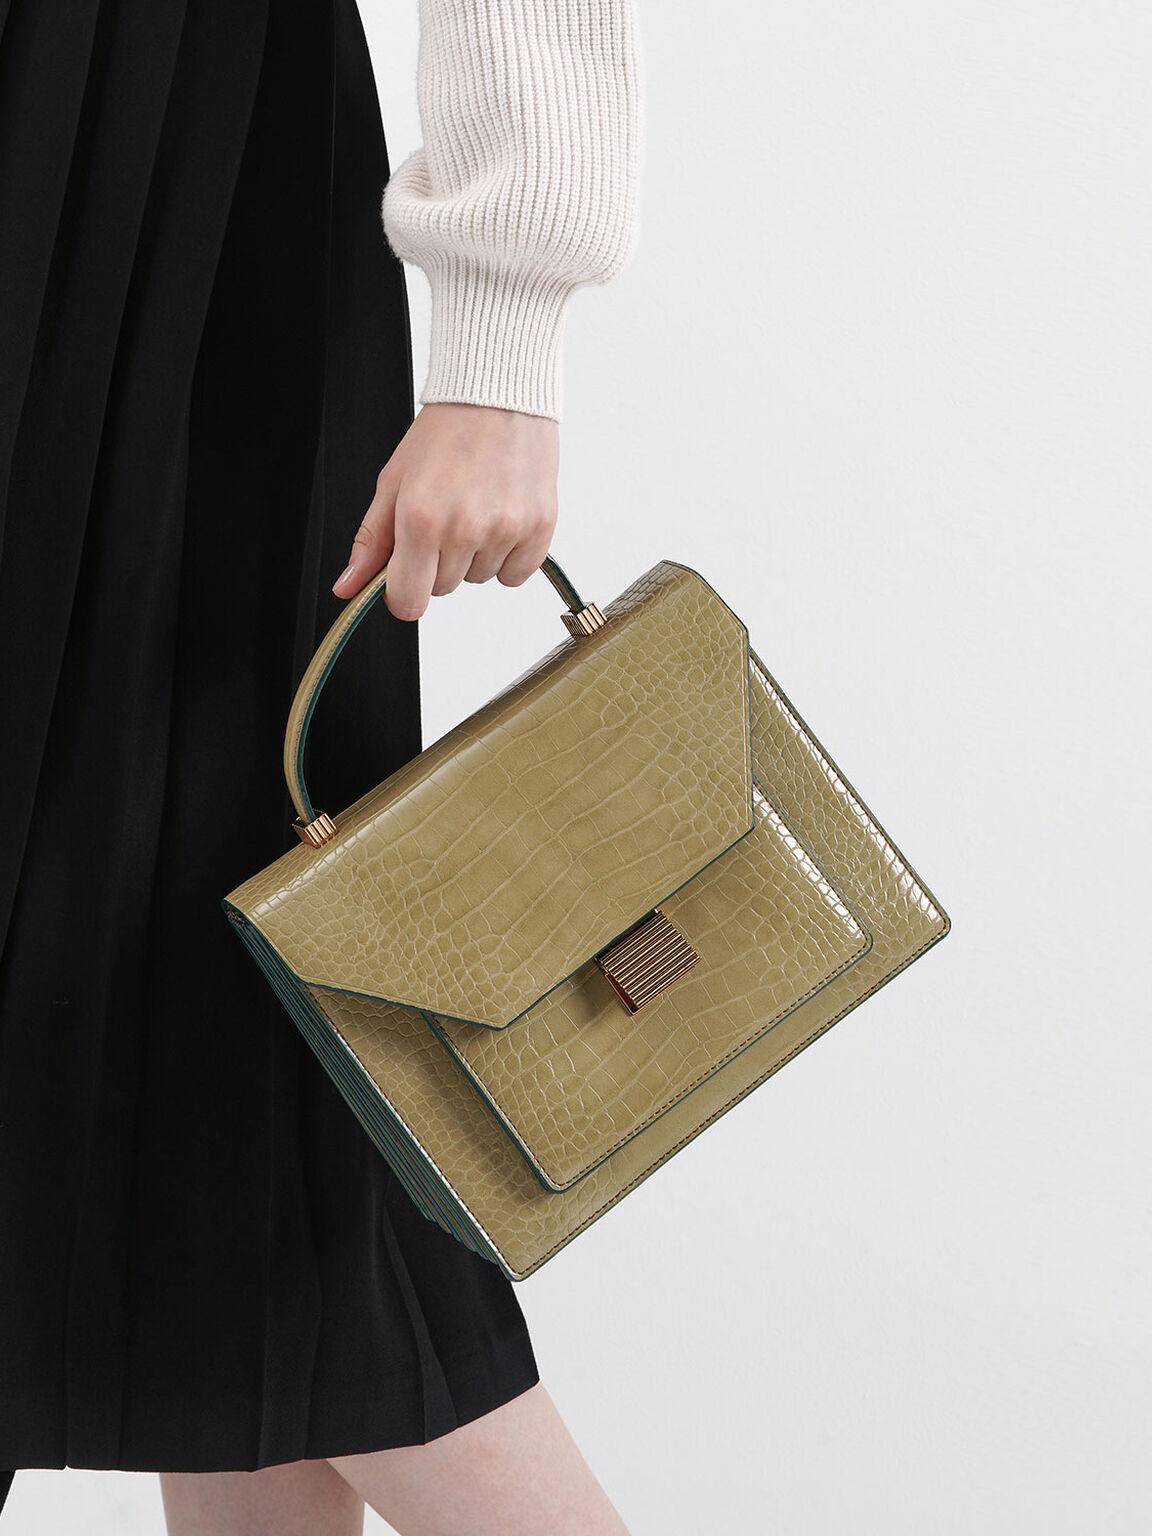 Croc-Effect Top Handle Bag, Sand, hi-res